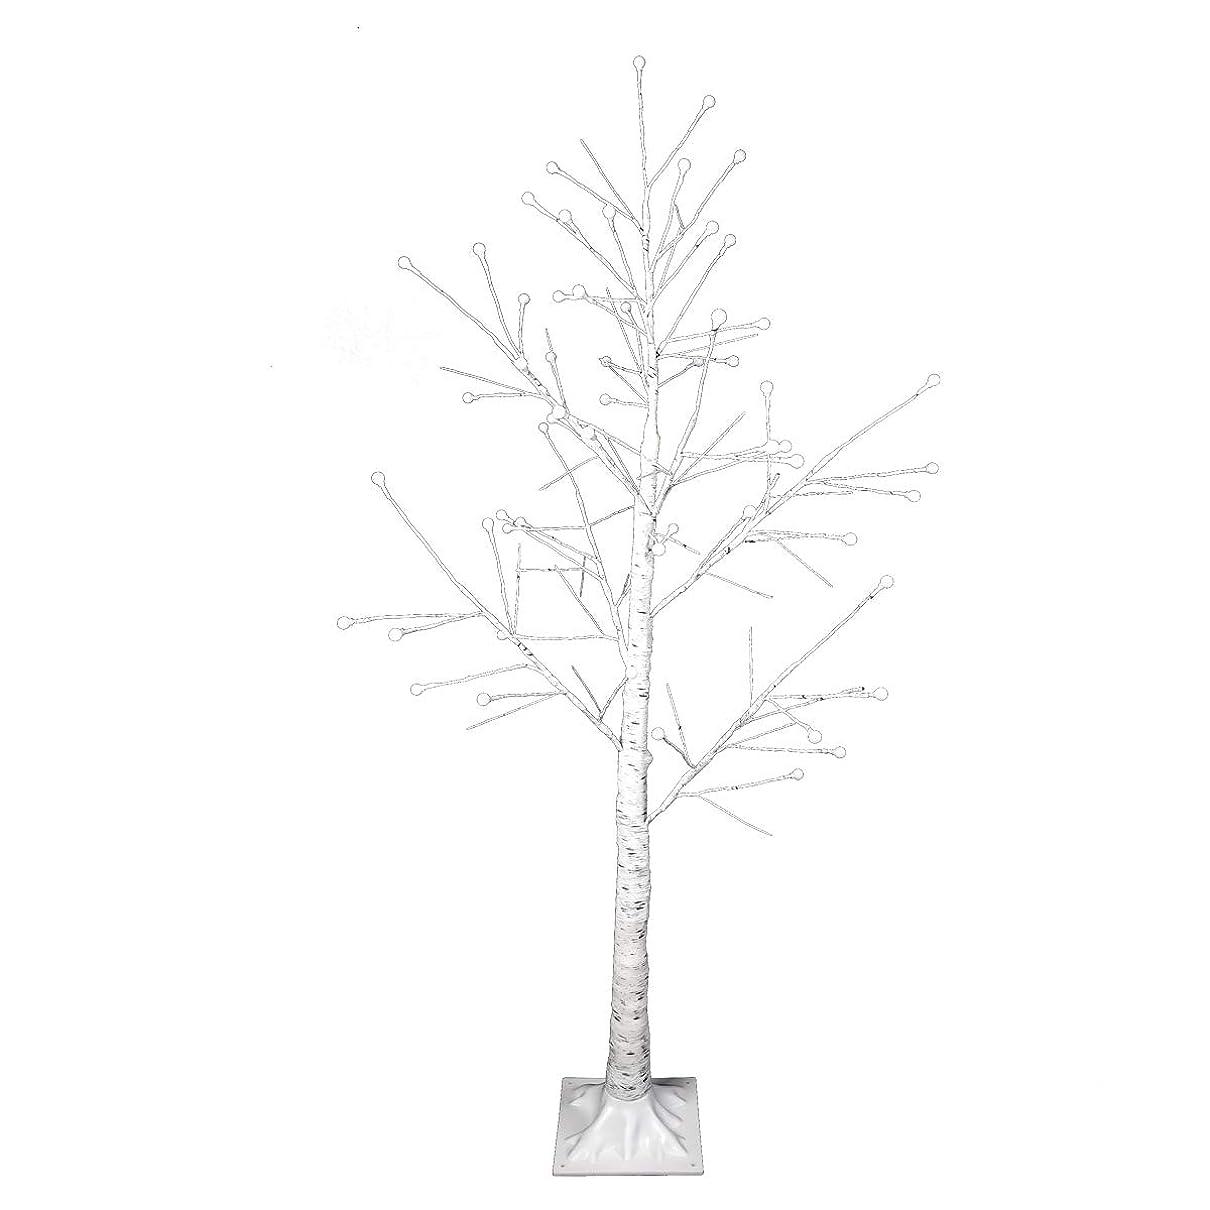 スロベニア参加者サーキットに行く白樺 シラカバ ツリー クリスマスツリー 150cm 北欧 おしゃれ ウェルカムツリー ハロウィン ヌードツリー シラカバツリー 白樺ツリー led ライト cm19a